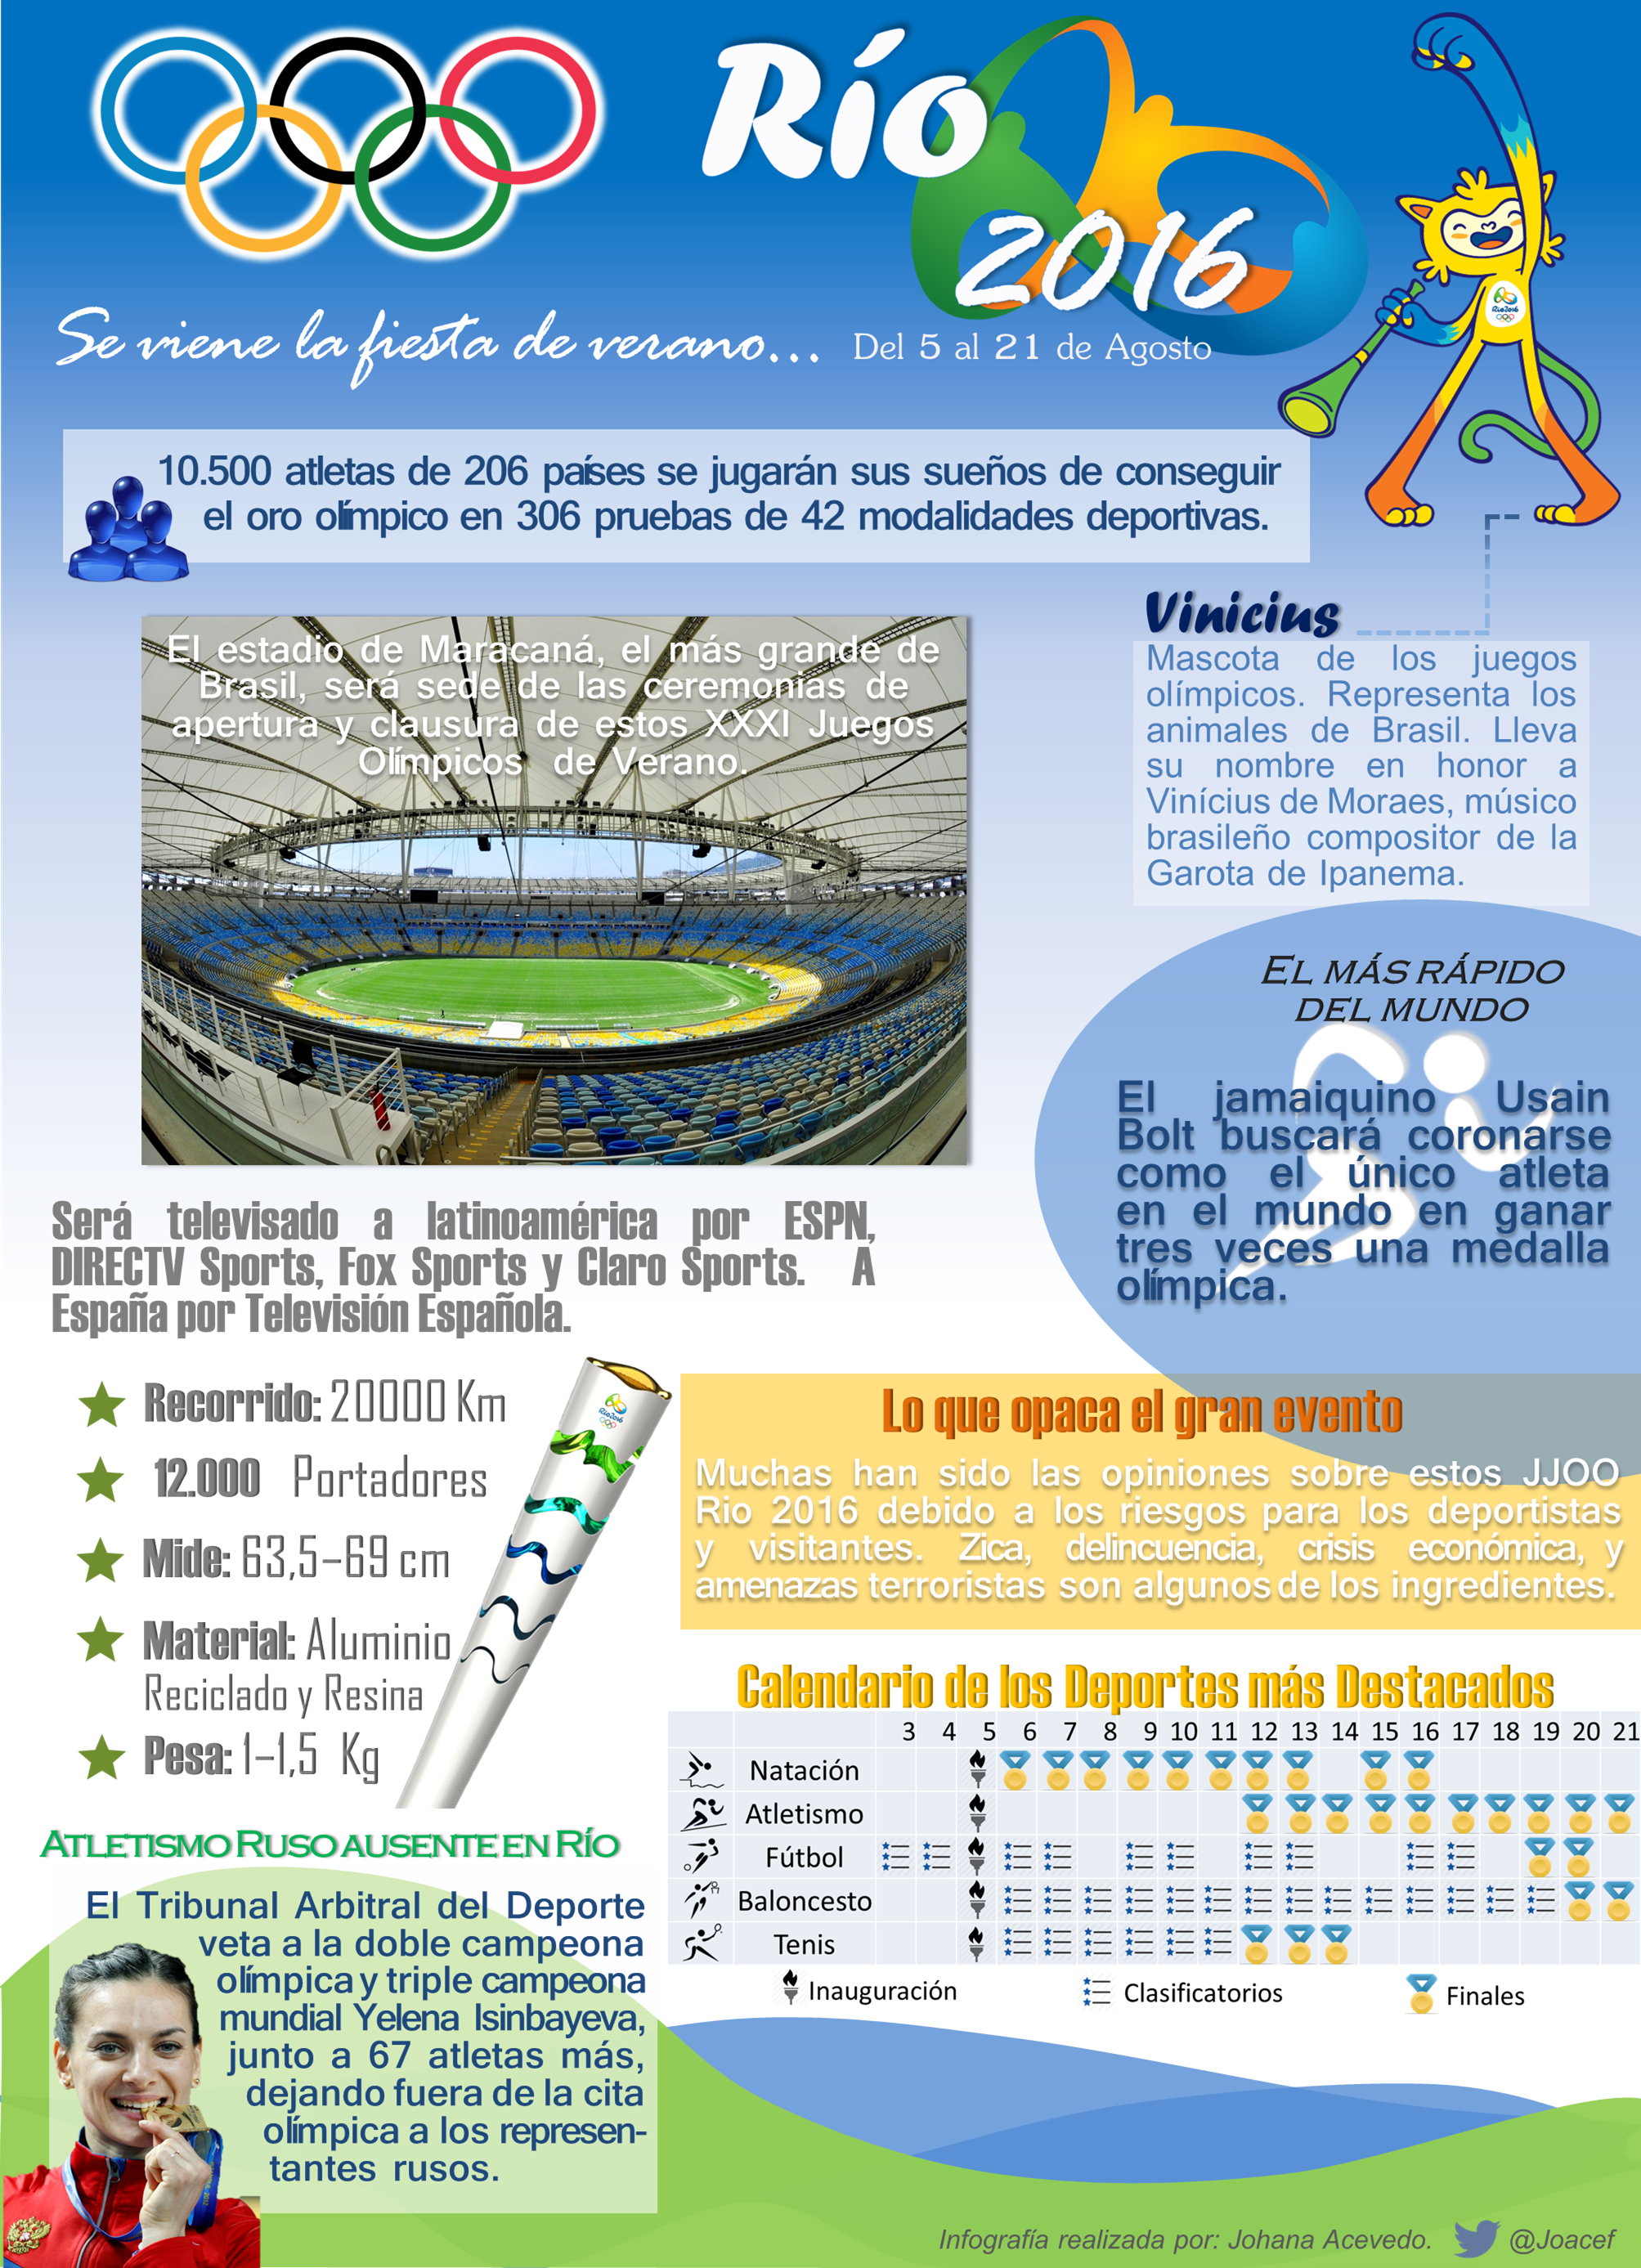 Juegos Olimpicos Rio 2016 Juegosolimpicos Rio2016 Infografia